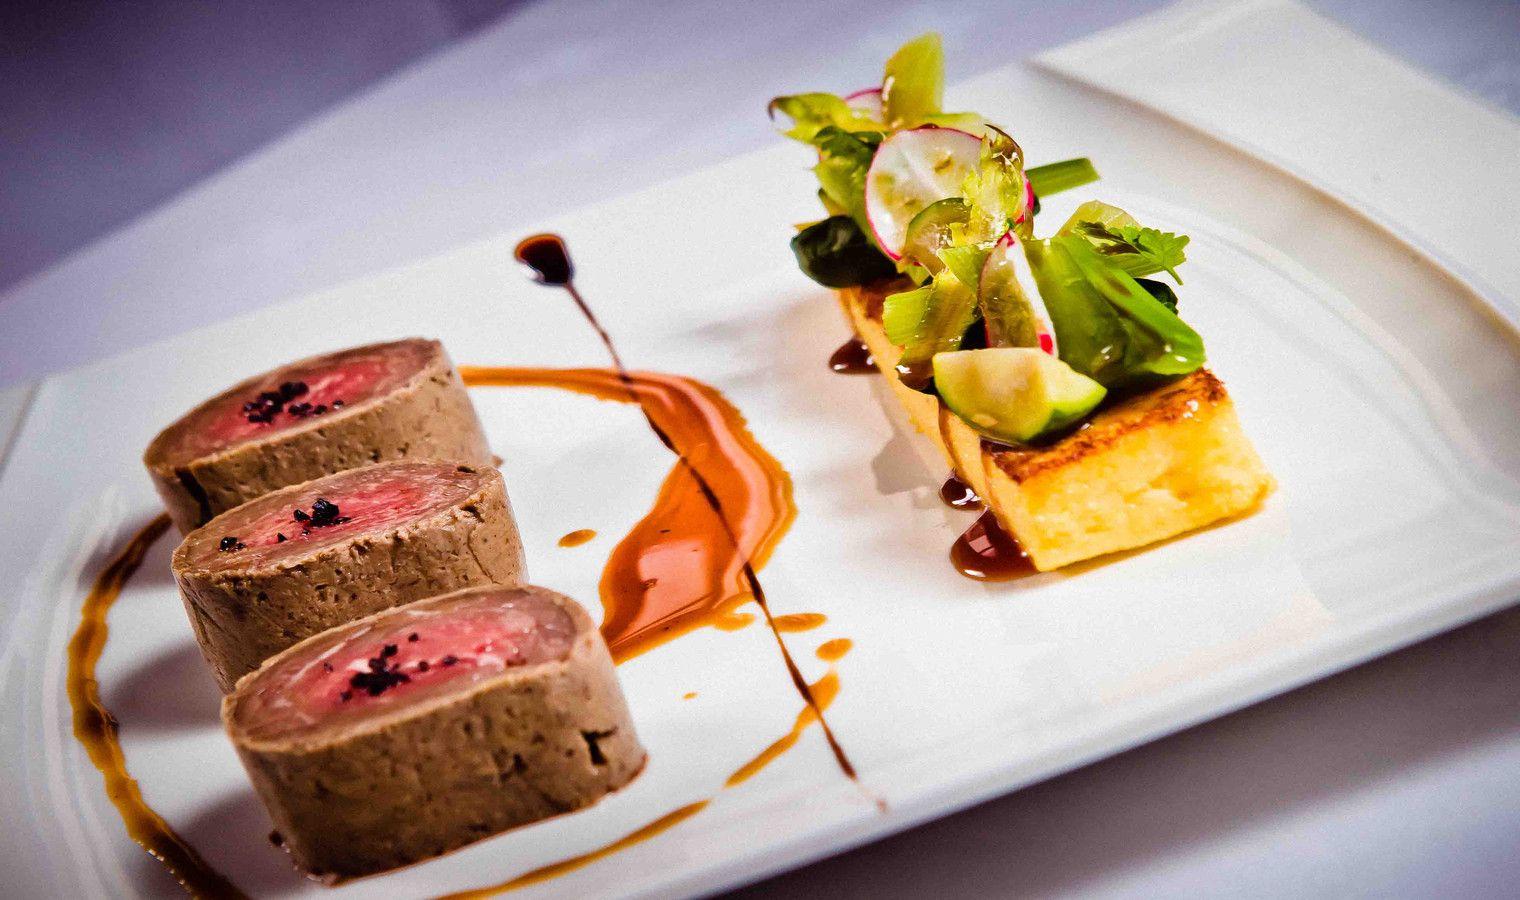 photos plat gastronomique francais aesthetics food pinterest plat gastronomique gratin. Black Bedroom Furniture Sets. Home Design Ideas